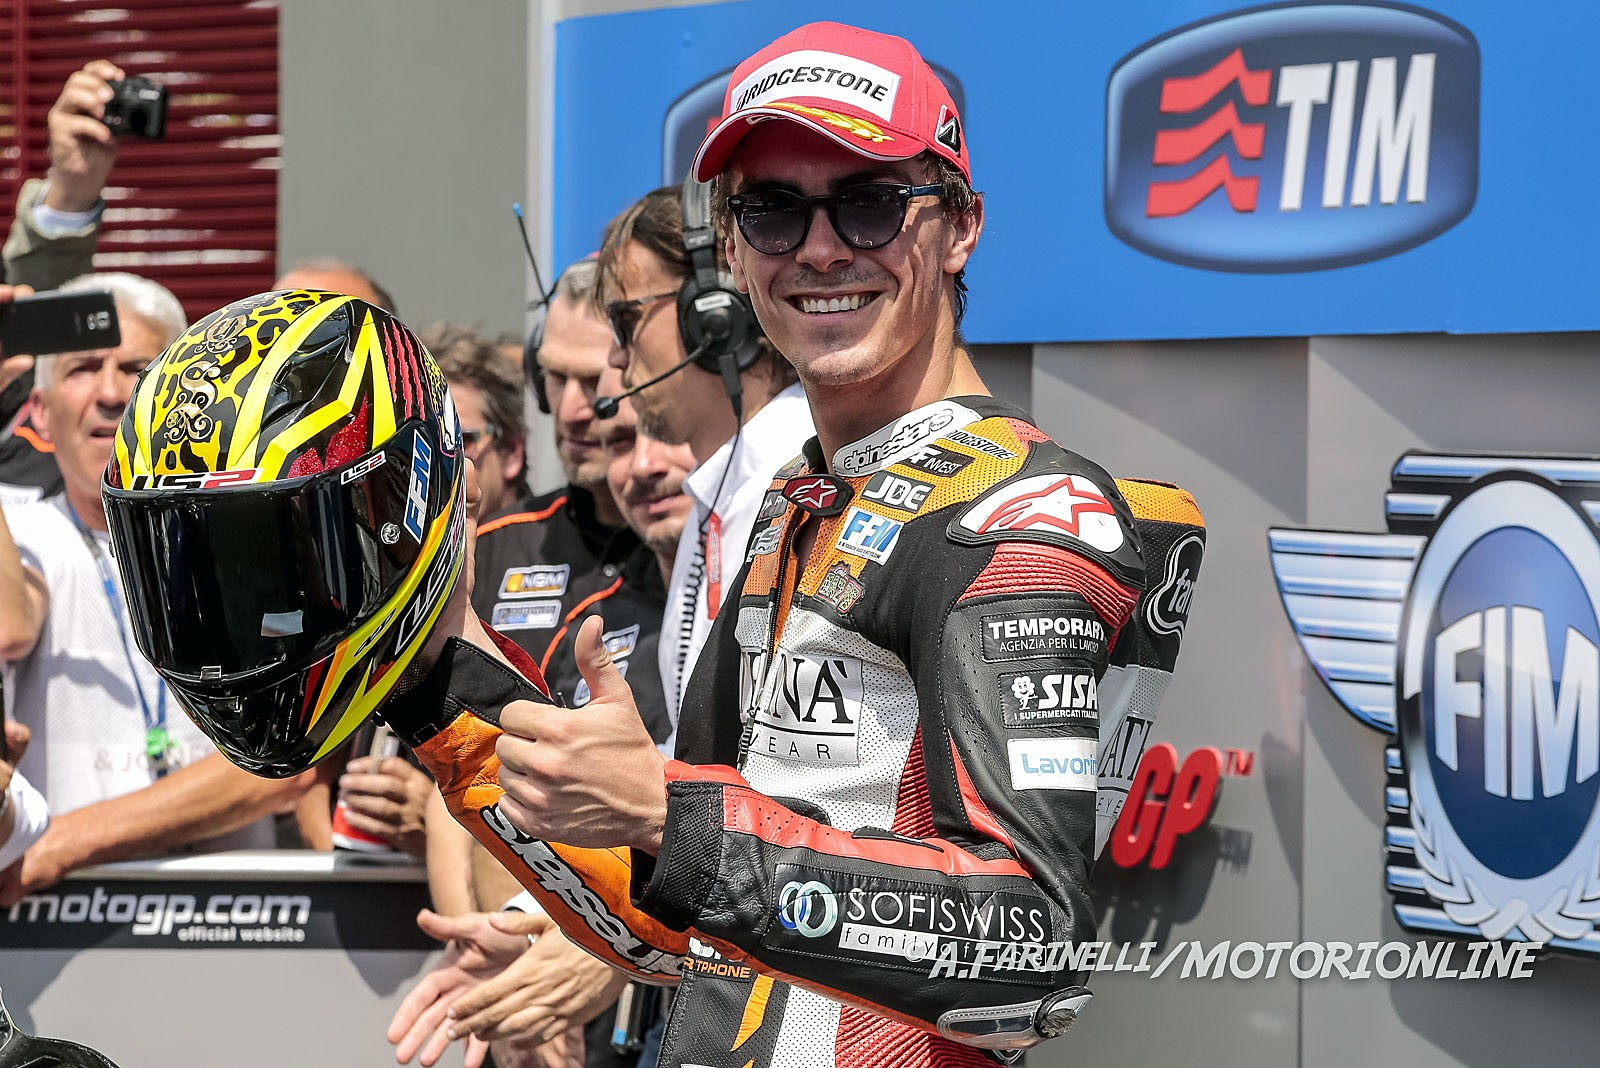 MotoGP Mugello RACE Foto MotoGP alta risoluzione 24 di 99